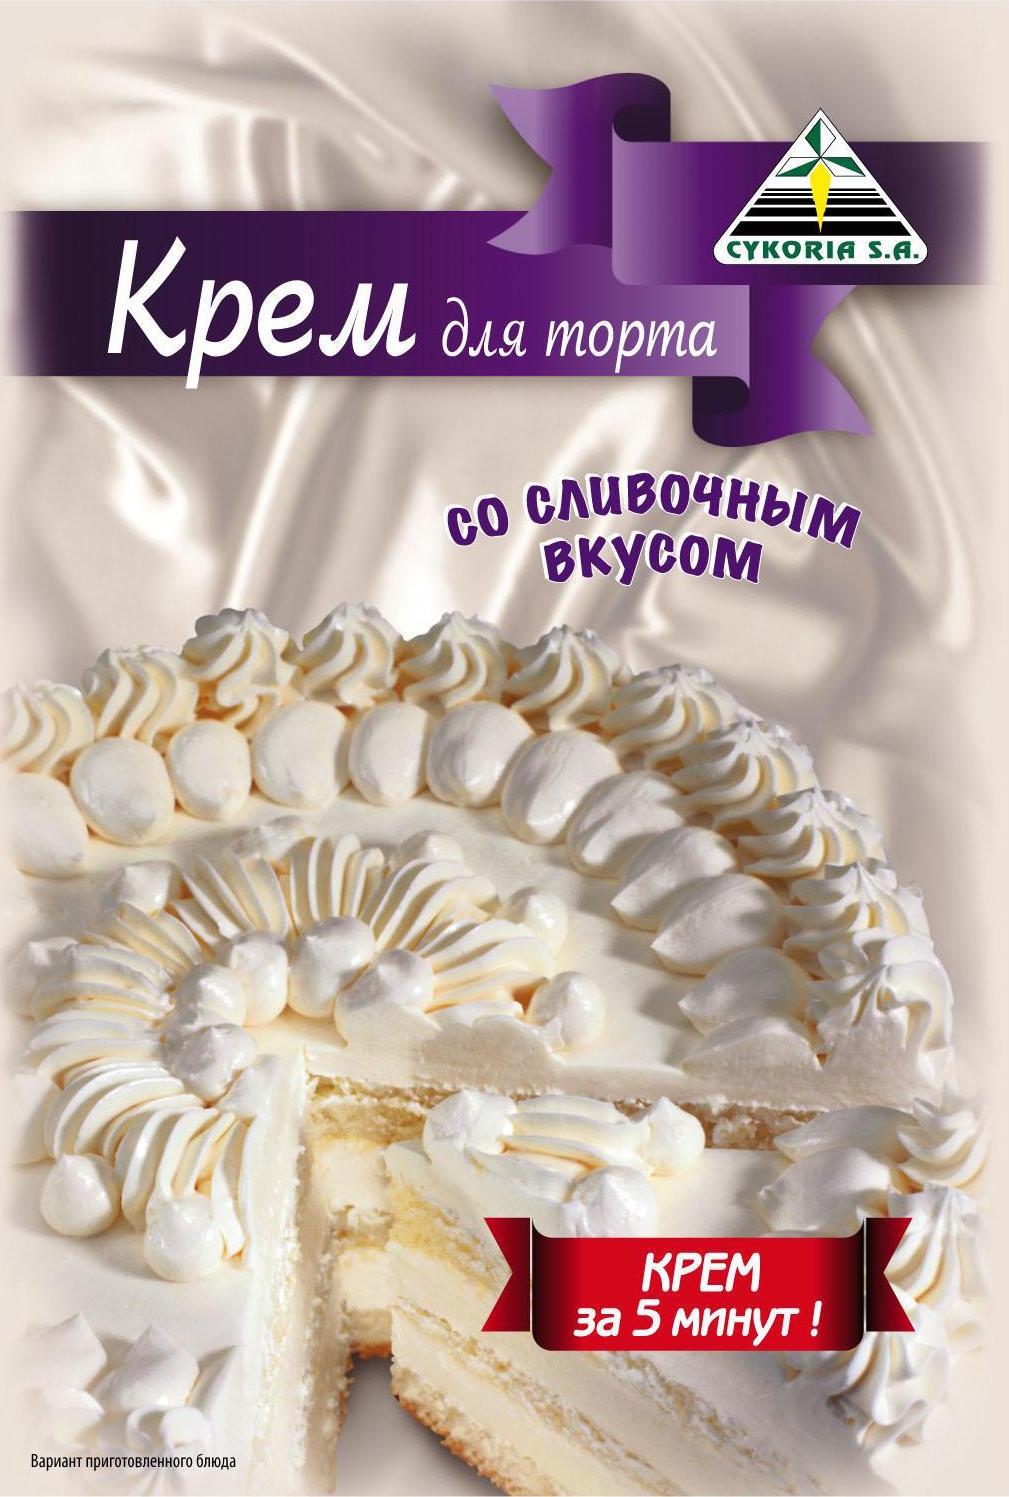 Крем для торта со сливочным вкусом, 15п х 100г